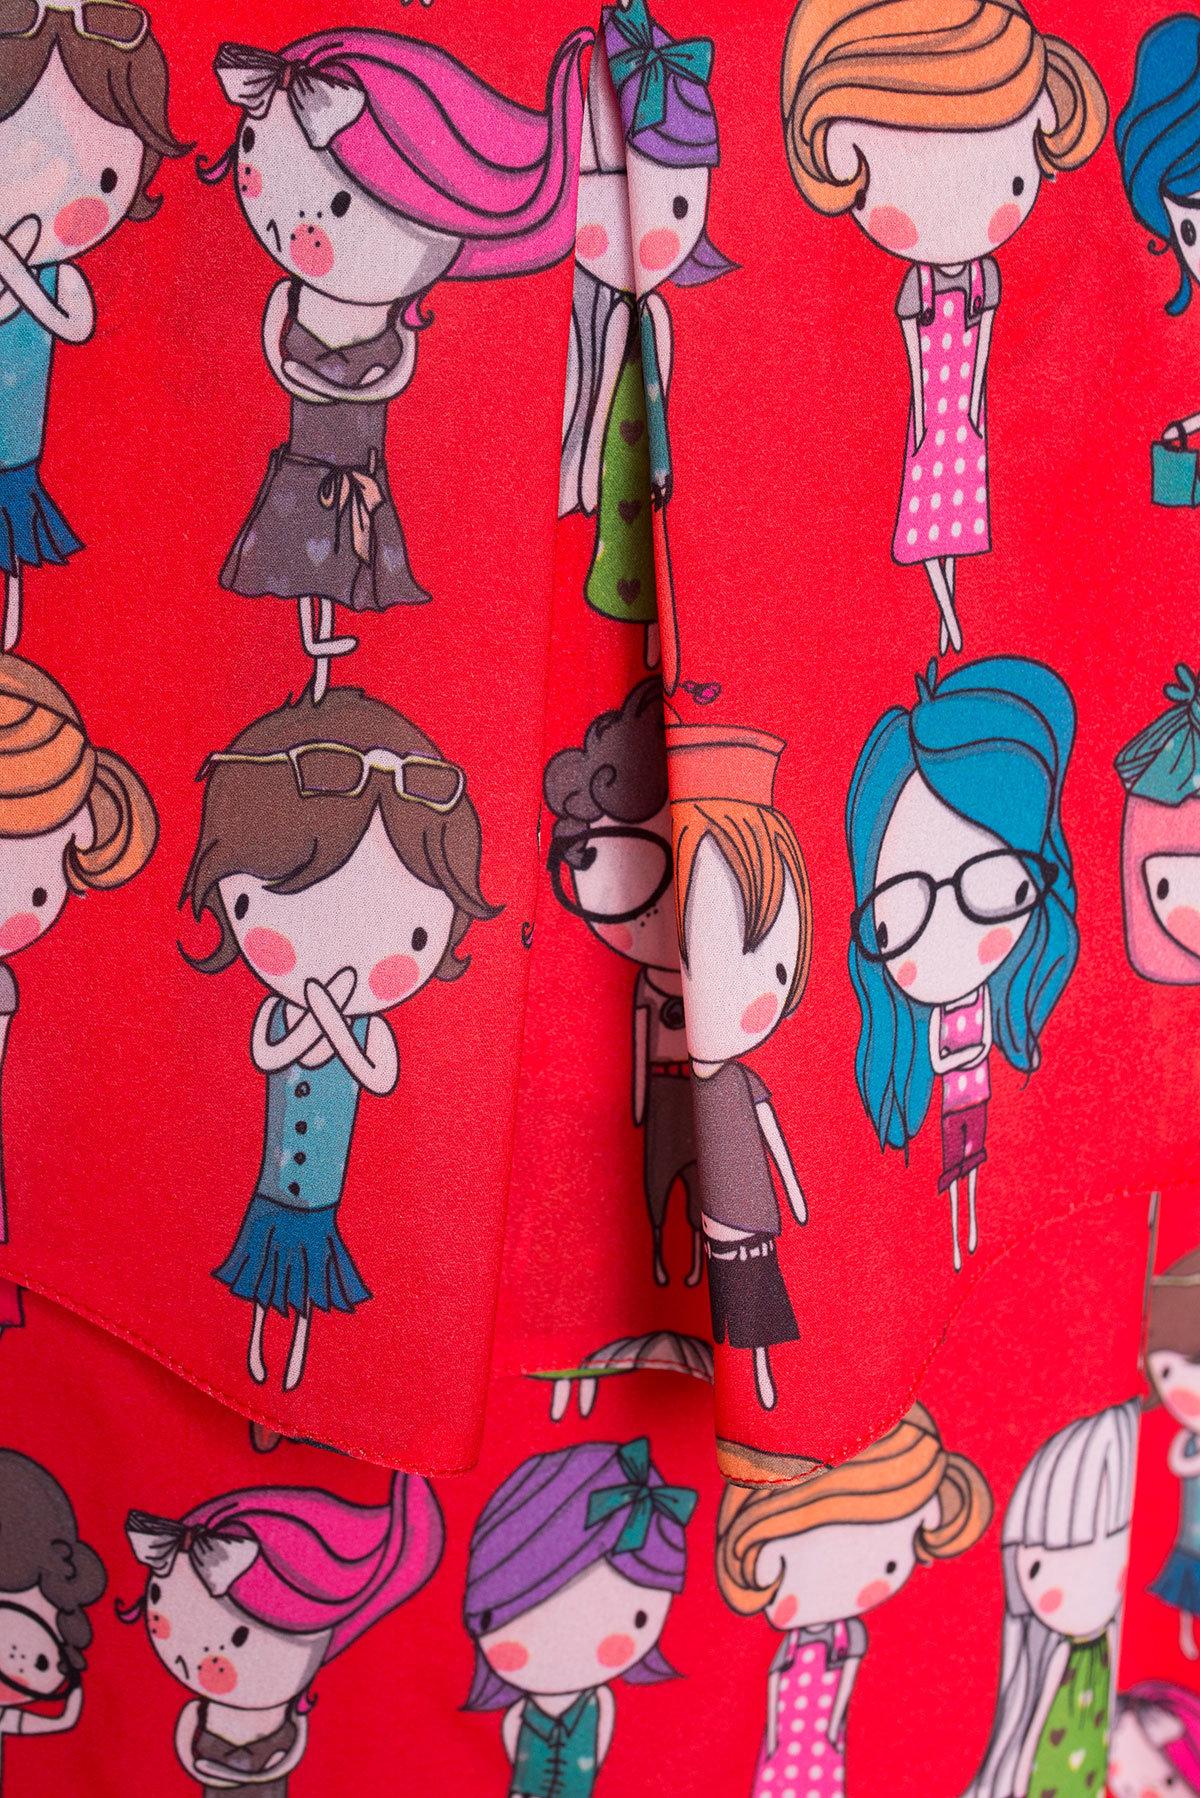 TW Платье Восток 5119 АРТ. 35893 Цвет: Красный/Разноцветный молодежь - фото 4, интернет магазин tm-modus.ru